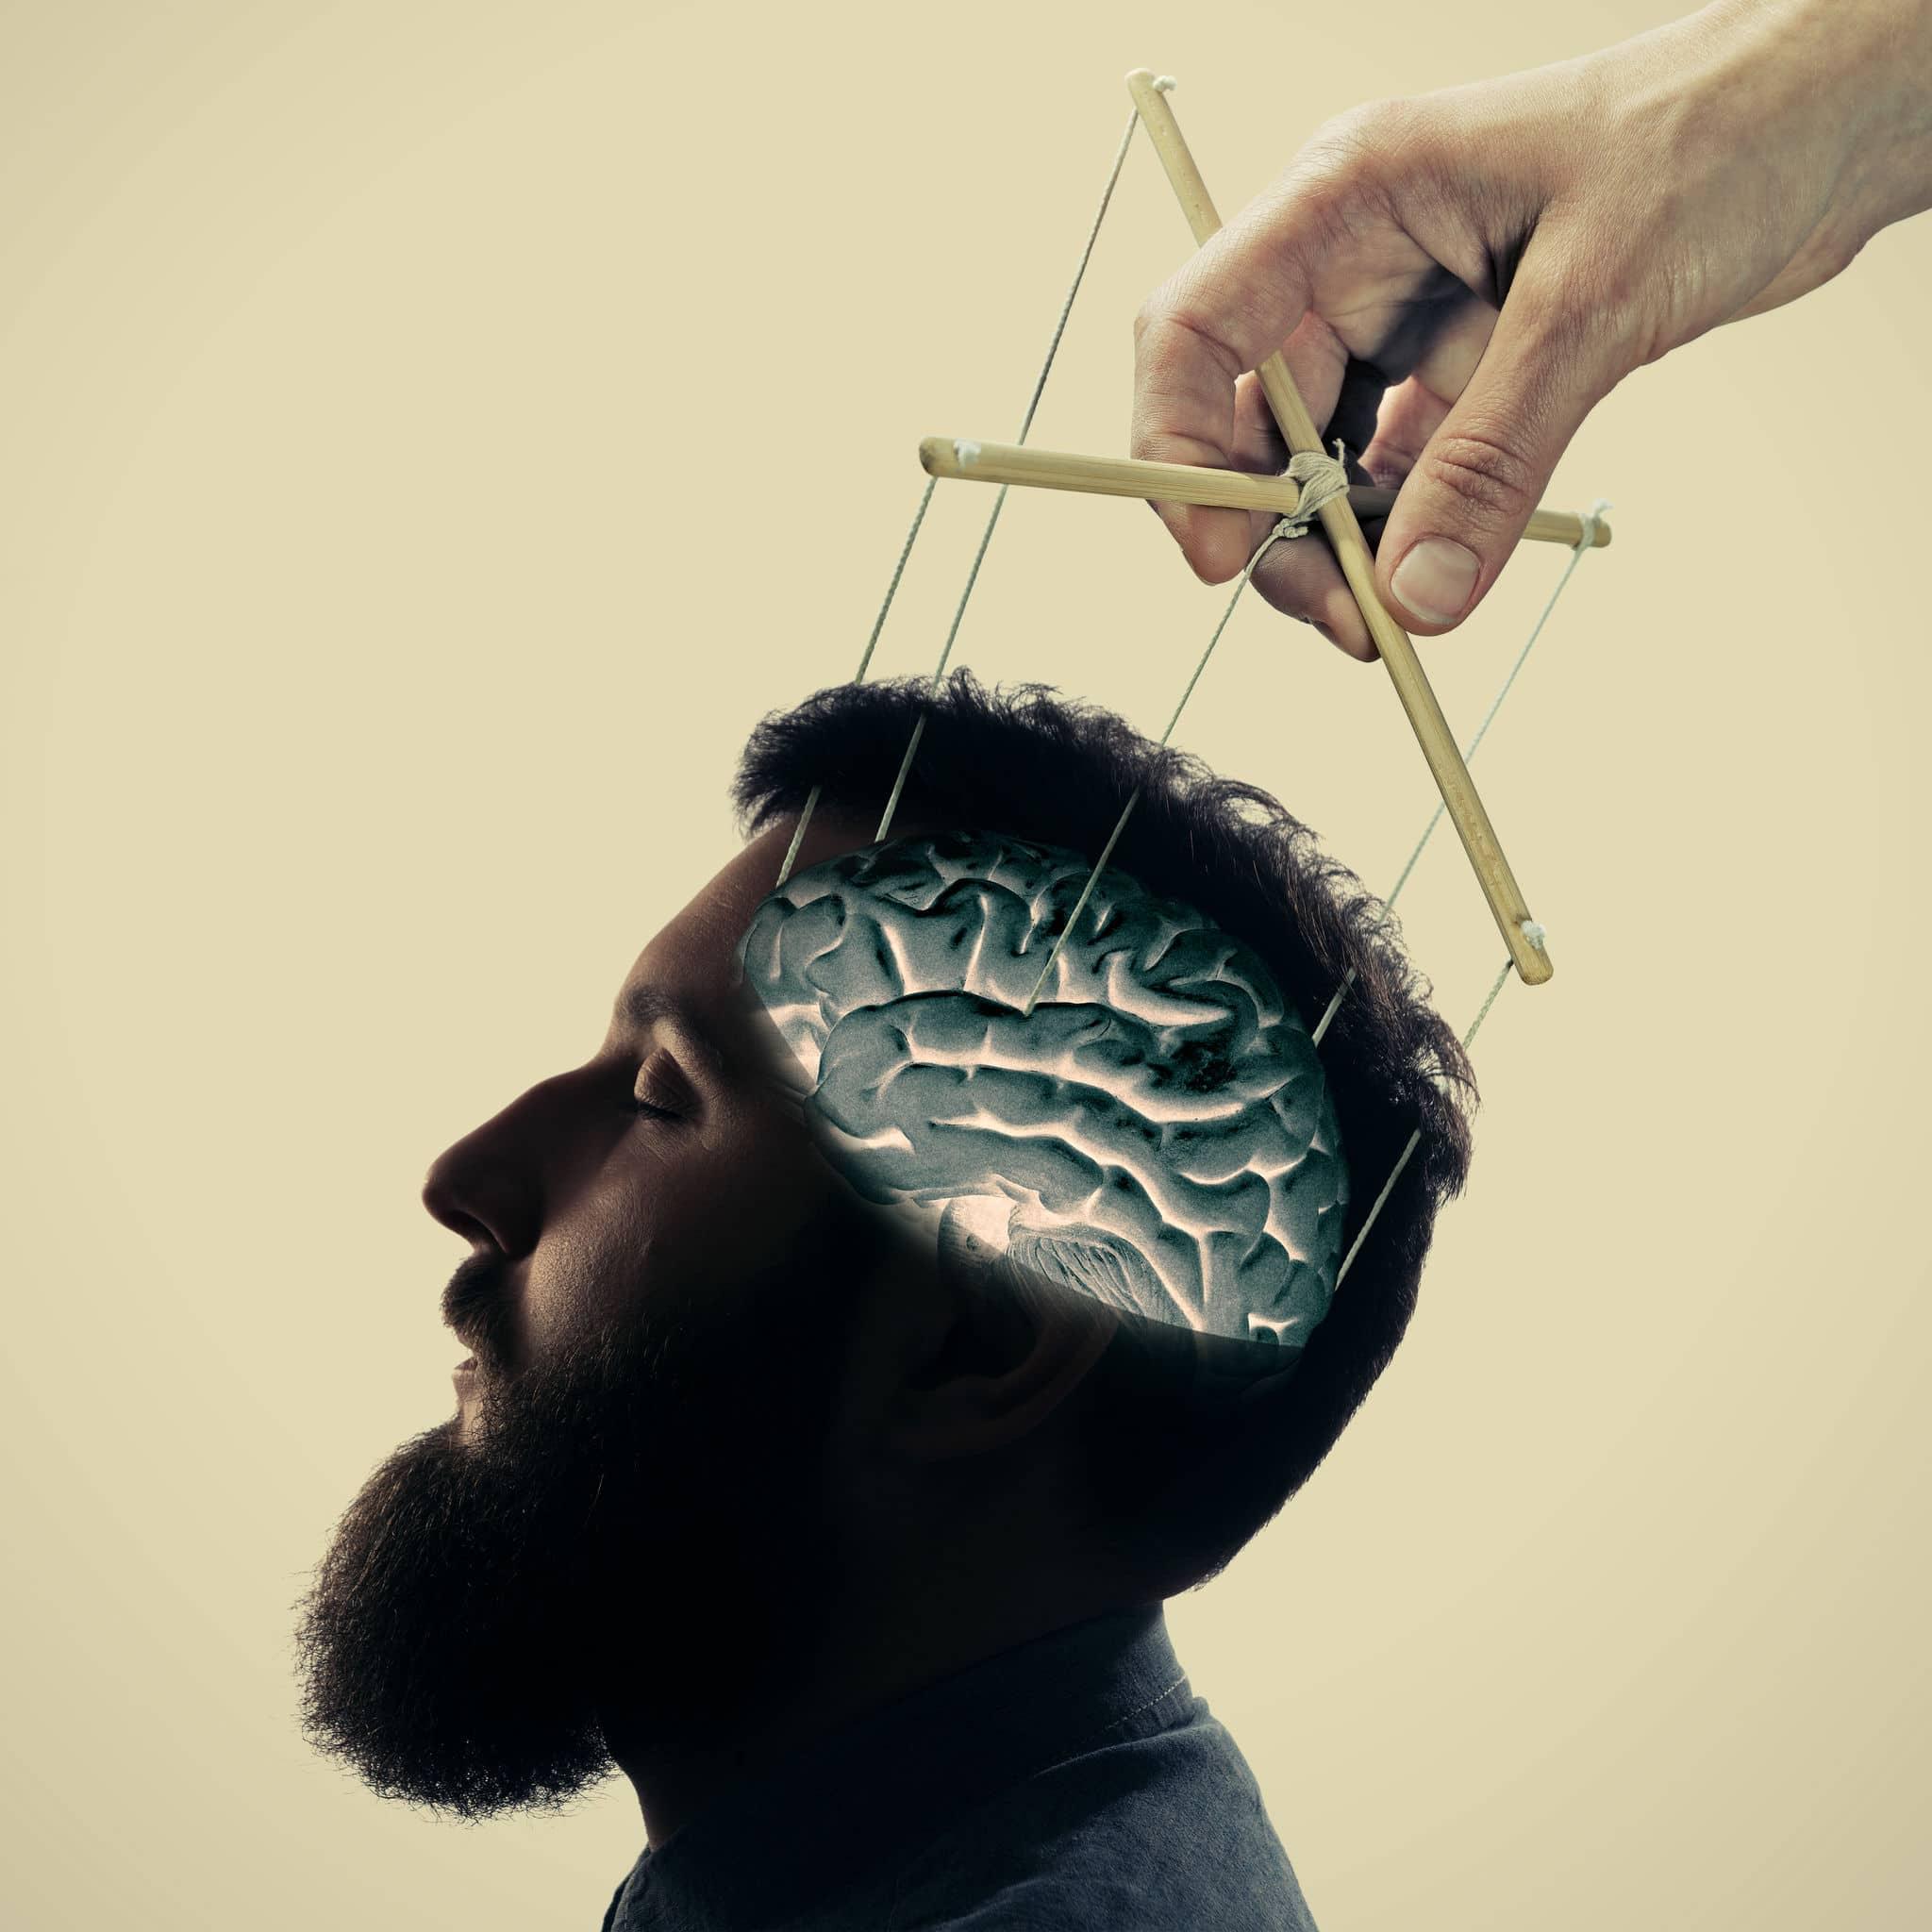 Homem barbudo com controles de marionetes sobre sua cabeça.